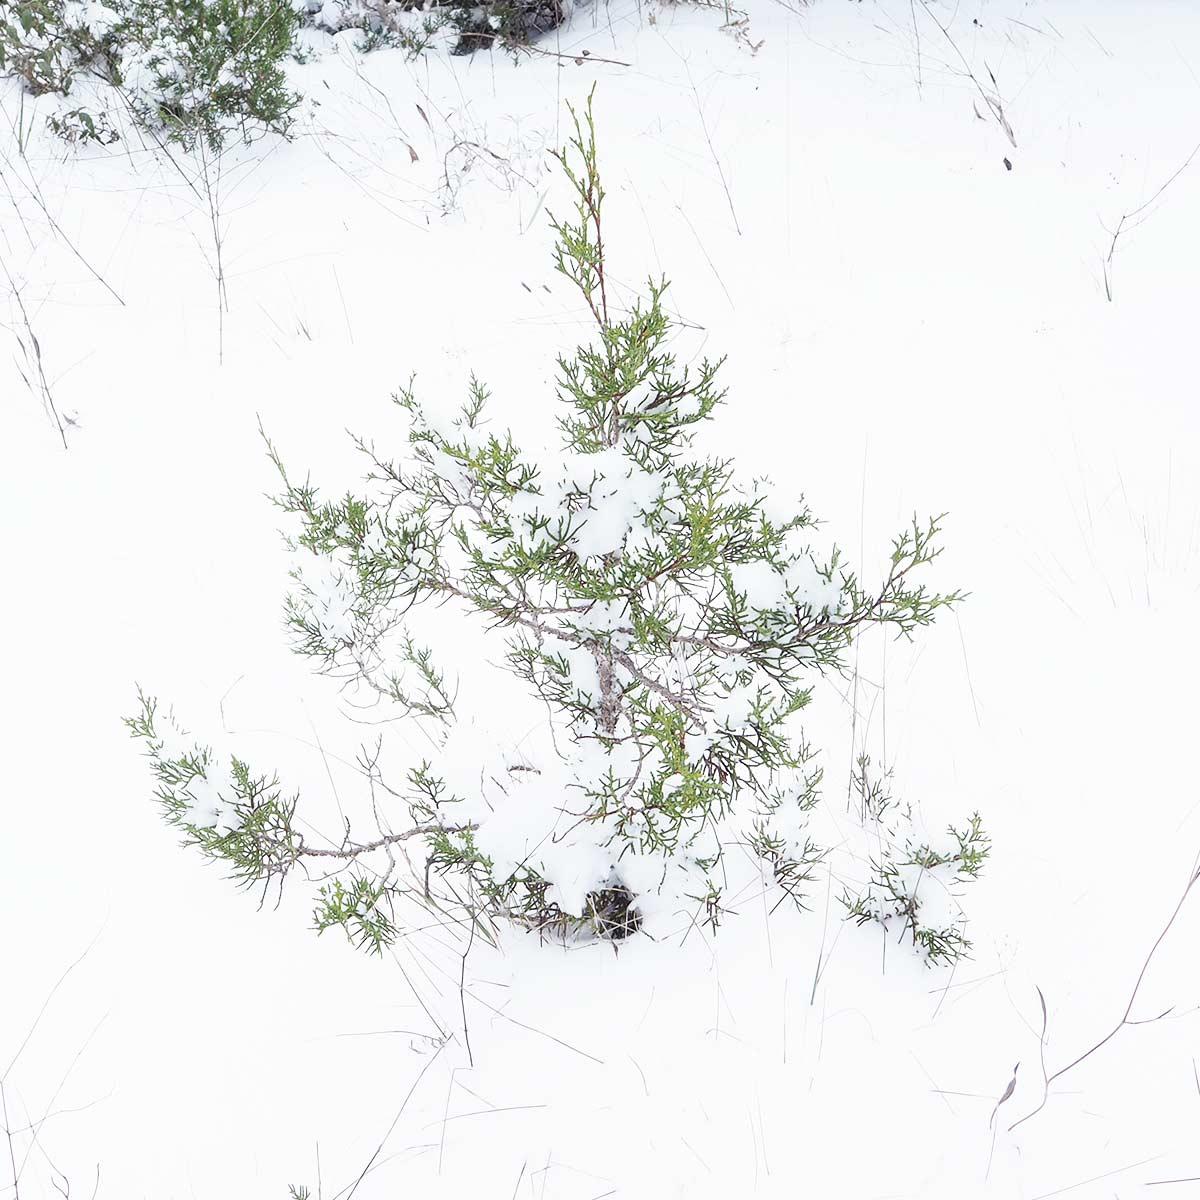 sabina-enebro-Juniperus-phoenicea-genevrier-montes-del-cerrato-nevada-2021-yoniquenews